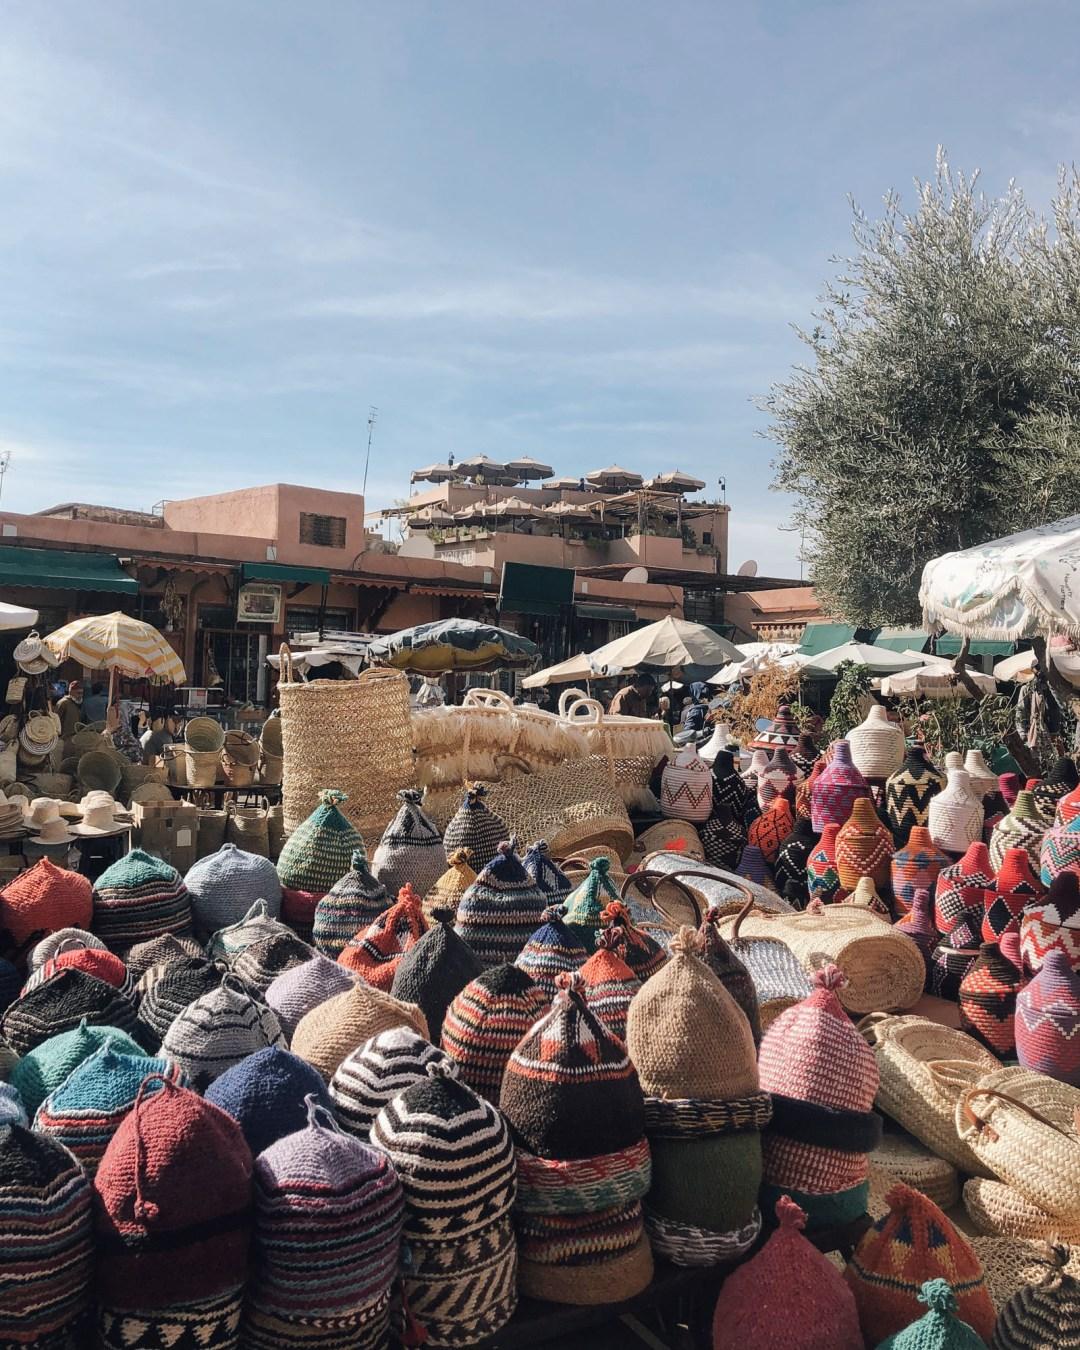 Inastil, Reiseblog, Ue50Blogger, Marrakech, Marokko, Travelblog, Reisebericht, Visualdiary,_-3